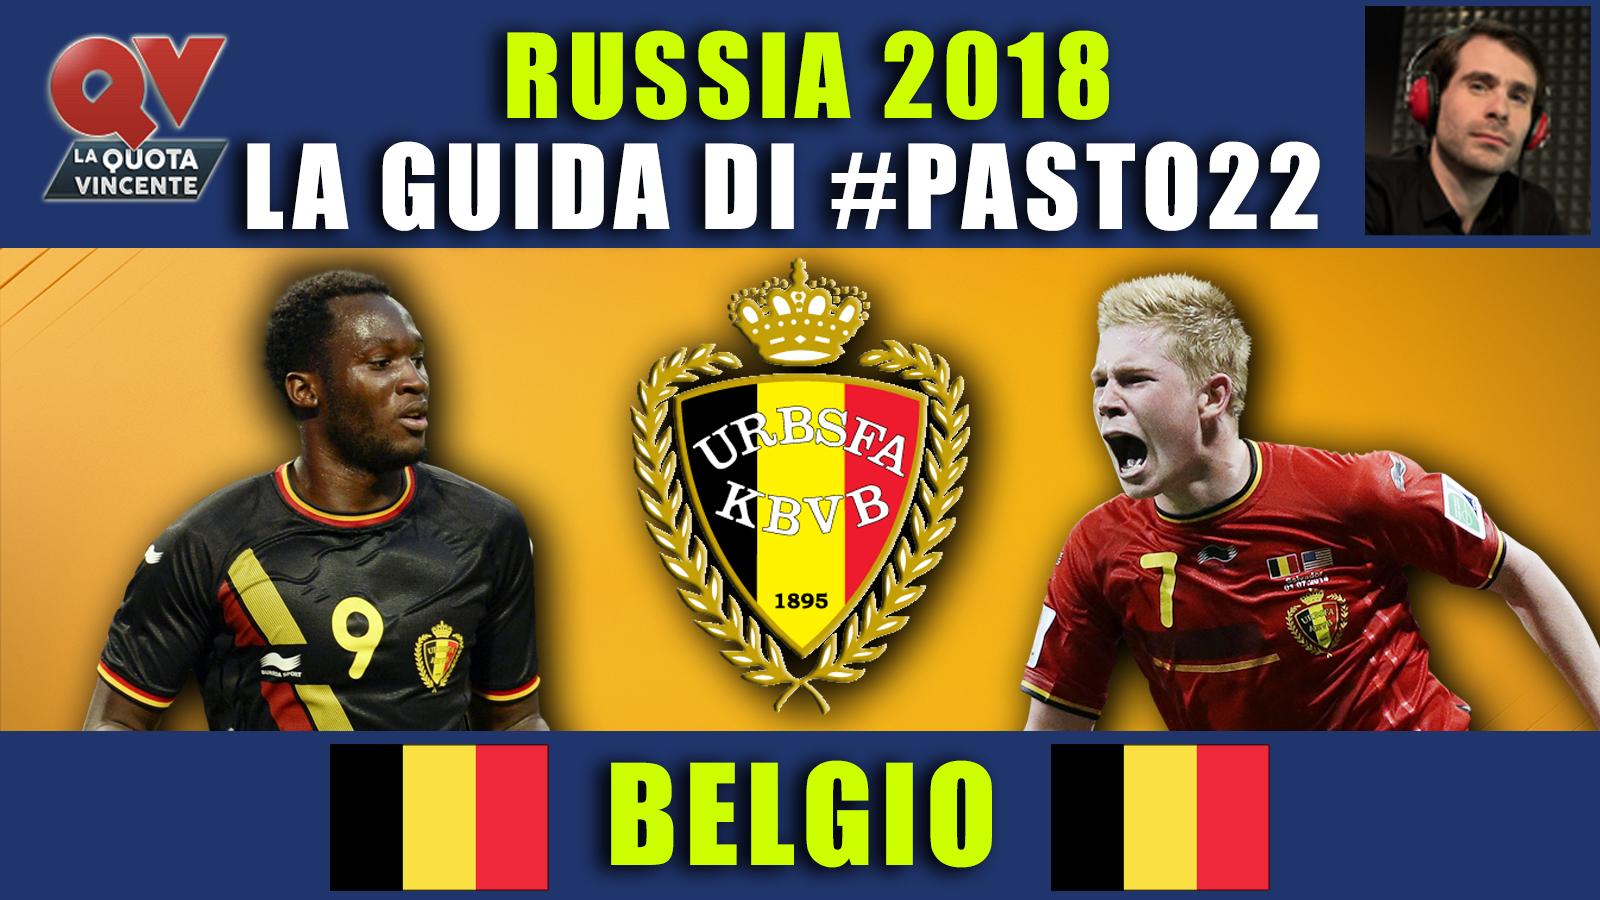 Guida Mondiali Russia 2018 Belgio